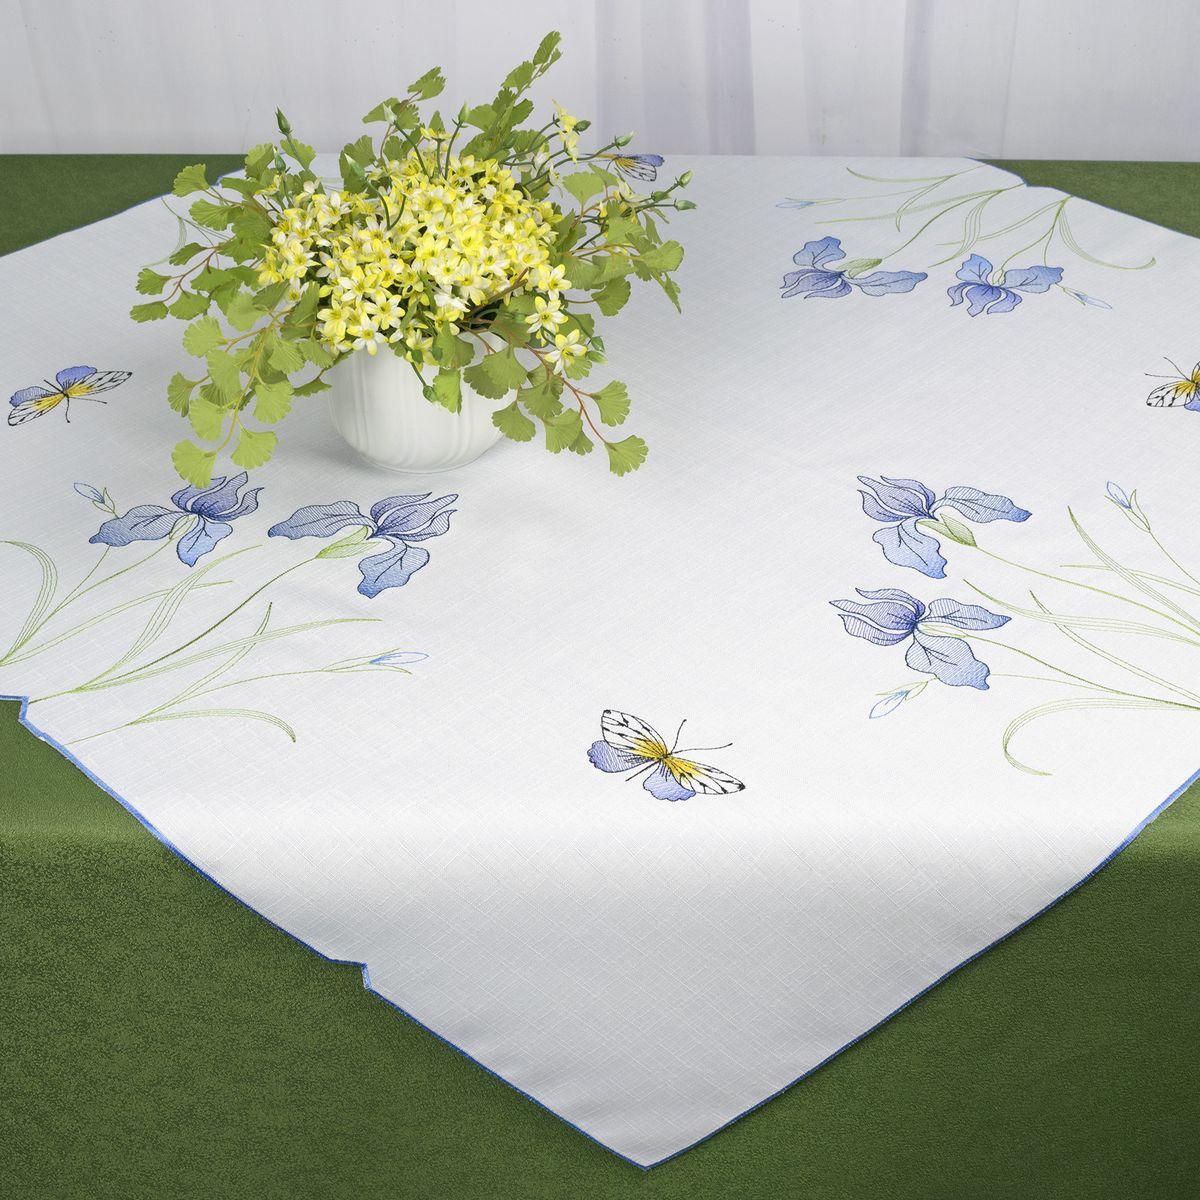 Скатерть Schaefer, квадратная, цвет: белый, 85 x 85 см. 07709-100CLP446Стильная скатерть Schaefer, выполненная из полиэстера, украшена вышивкой. Вышивка дает эффект объема за счет направления стежков при вышивании.Изделия из полиэстера легко стирать: они не мнутся, не садятся и быстро сохнут, они более долговечны, чем изделия из натуральных волокон.Немецкая компания Schaefer создана в 1921 году. На протяжении всего времени существования она создает уникальные коллекции домашнего текстиля для гостиных, спален, кухонь и ванных комнат. Дизайнерские идеи немецких художников компании Schaefer воплощаются в текстильных изделиях, которые сделают ваш дом красивее и уютнее и не останутся незамеченными вашими гостями. Дарите себе и близким красоту каждый день!